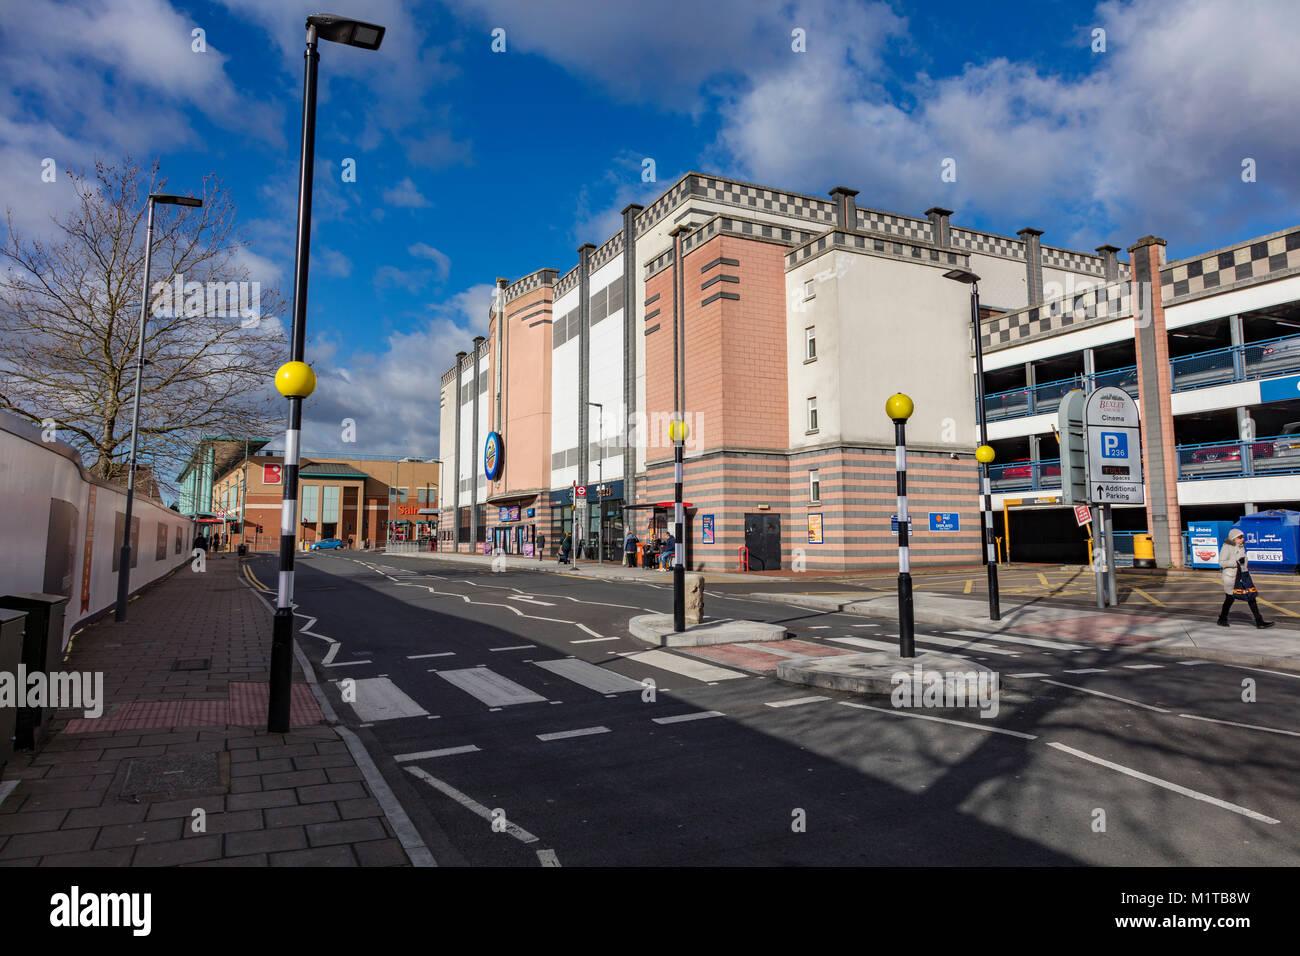 Gala Bingo Hall in Bexleyheath centro città, London Borough of Bexley, Regno Unito Immagini Stock